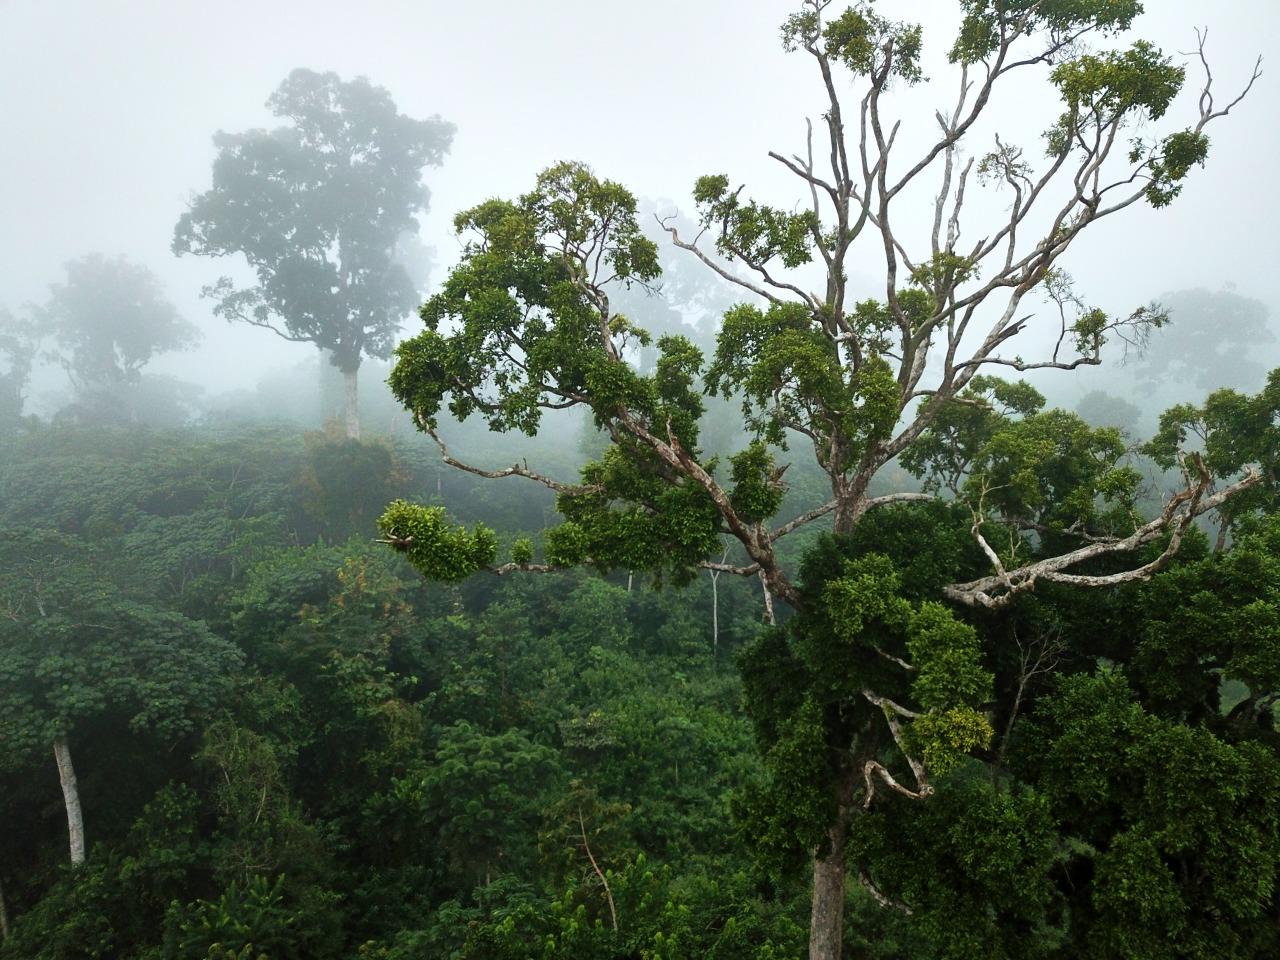 Vista aérea de la selva de Gabón y su niebla